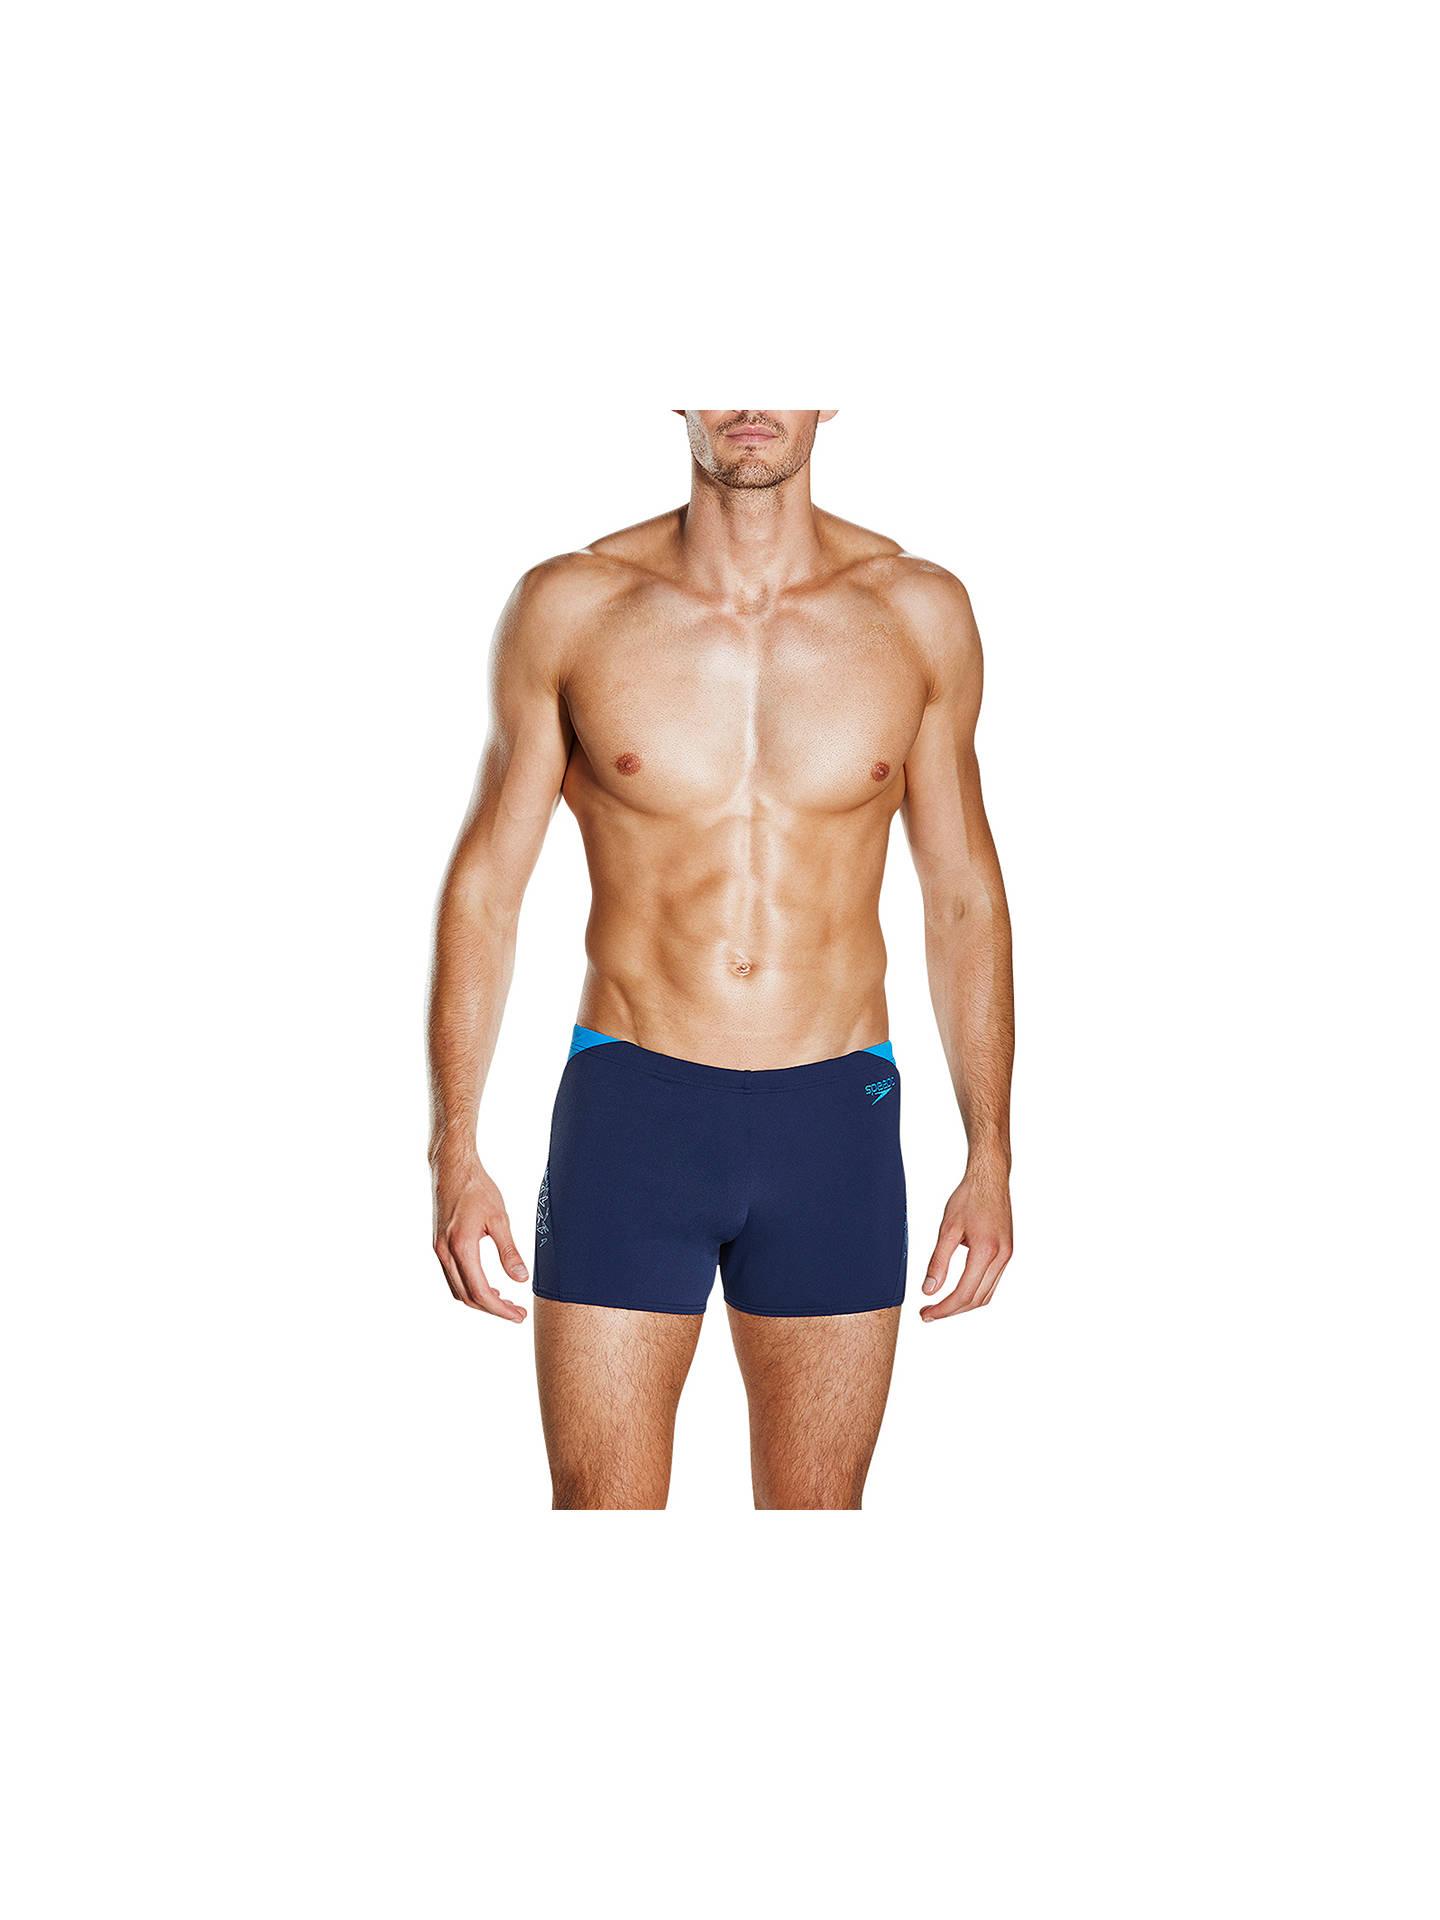 b5f3f995738db Buy Speedo Boom Print Splice Aquashort Swim Shorts, Navy/Blue, 30 Online at  ...